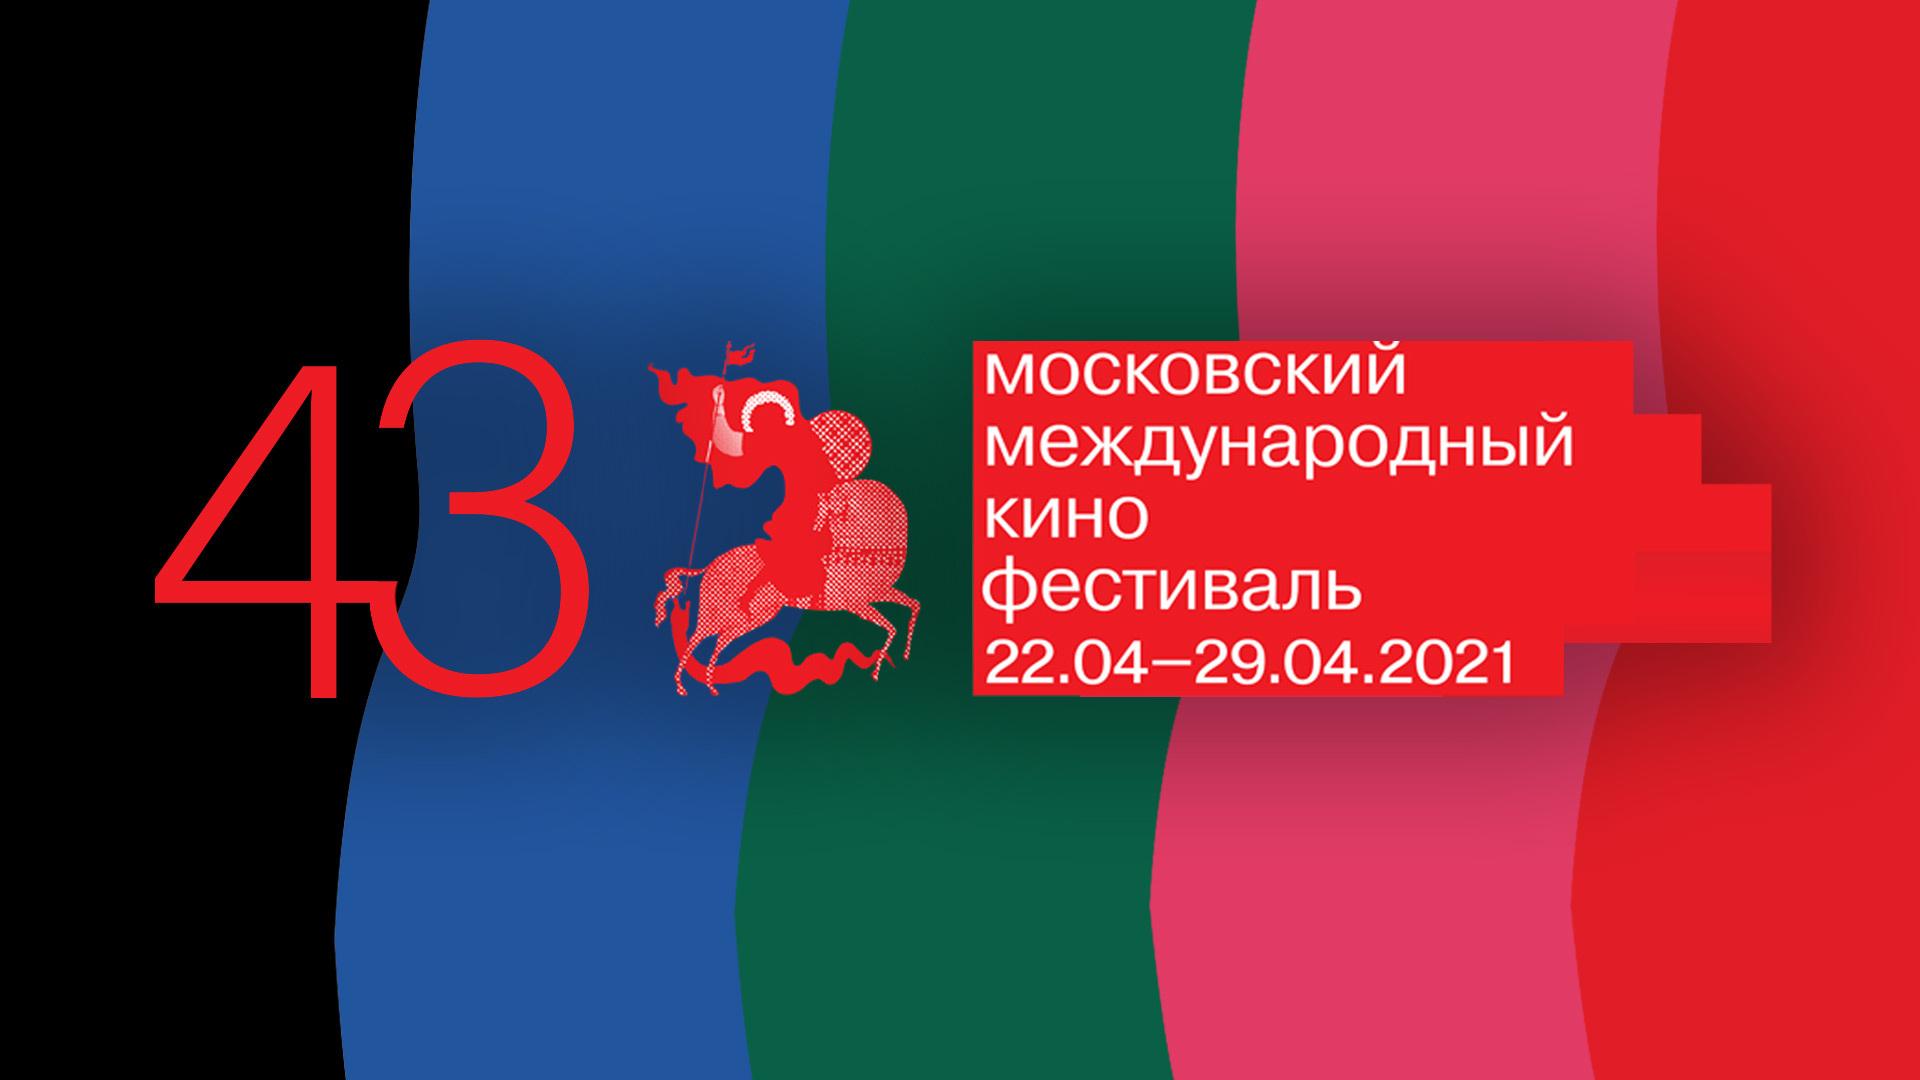 43-й Московский международный кинофестиваль